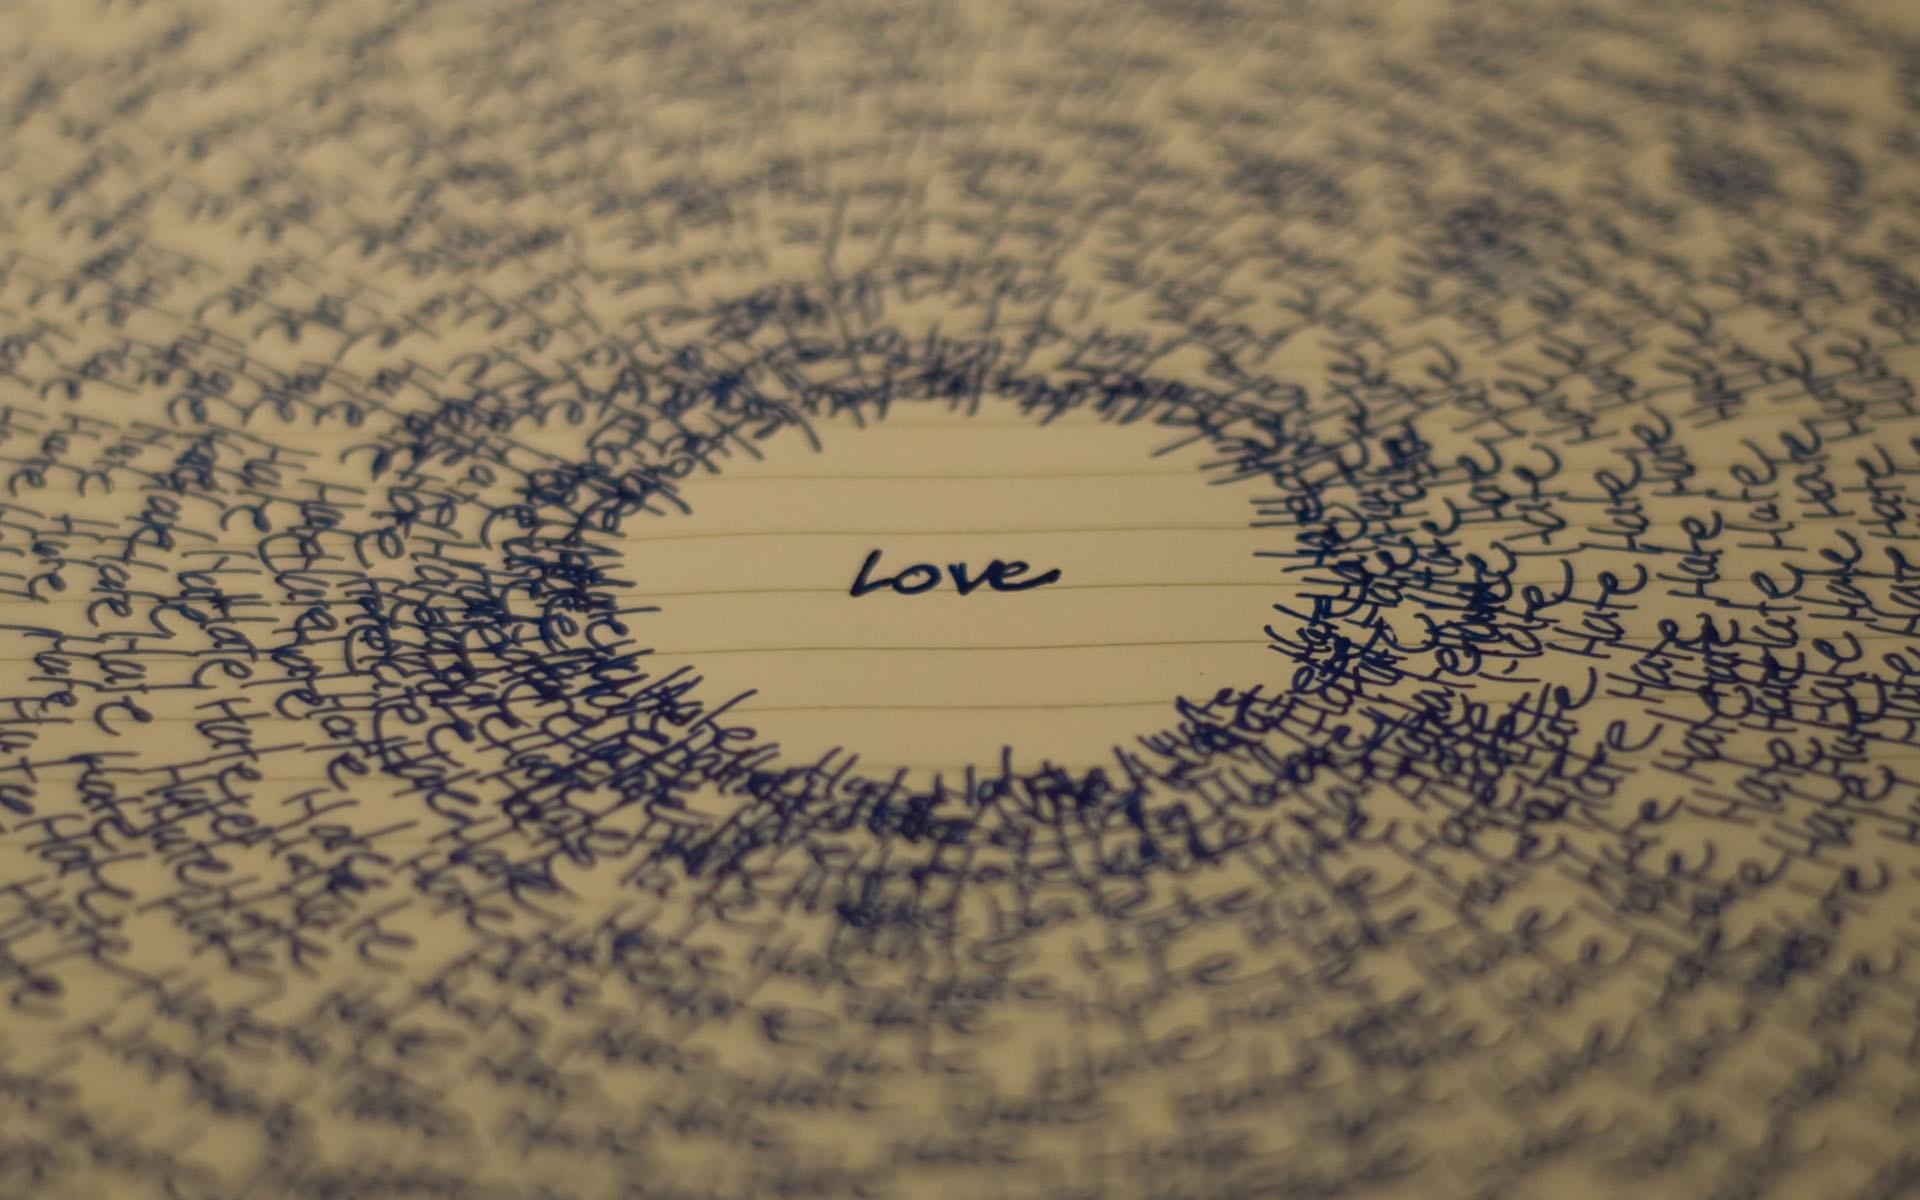 Обои на телефон про любовь с надписями со смыслом